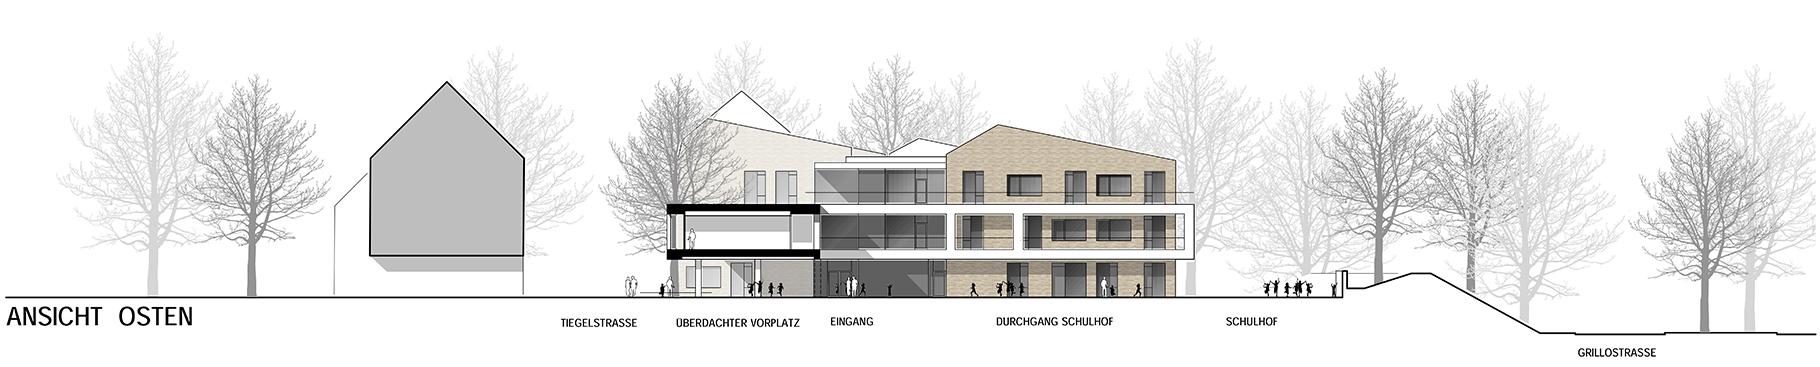 Anerkennung im Wettbewerb Neubau Tiegelschule Essen, Ansicht Ost